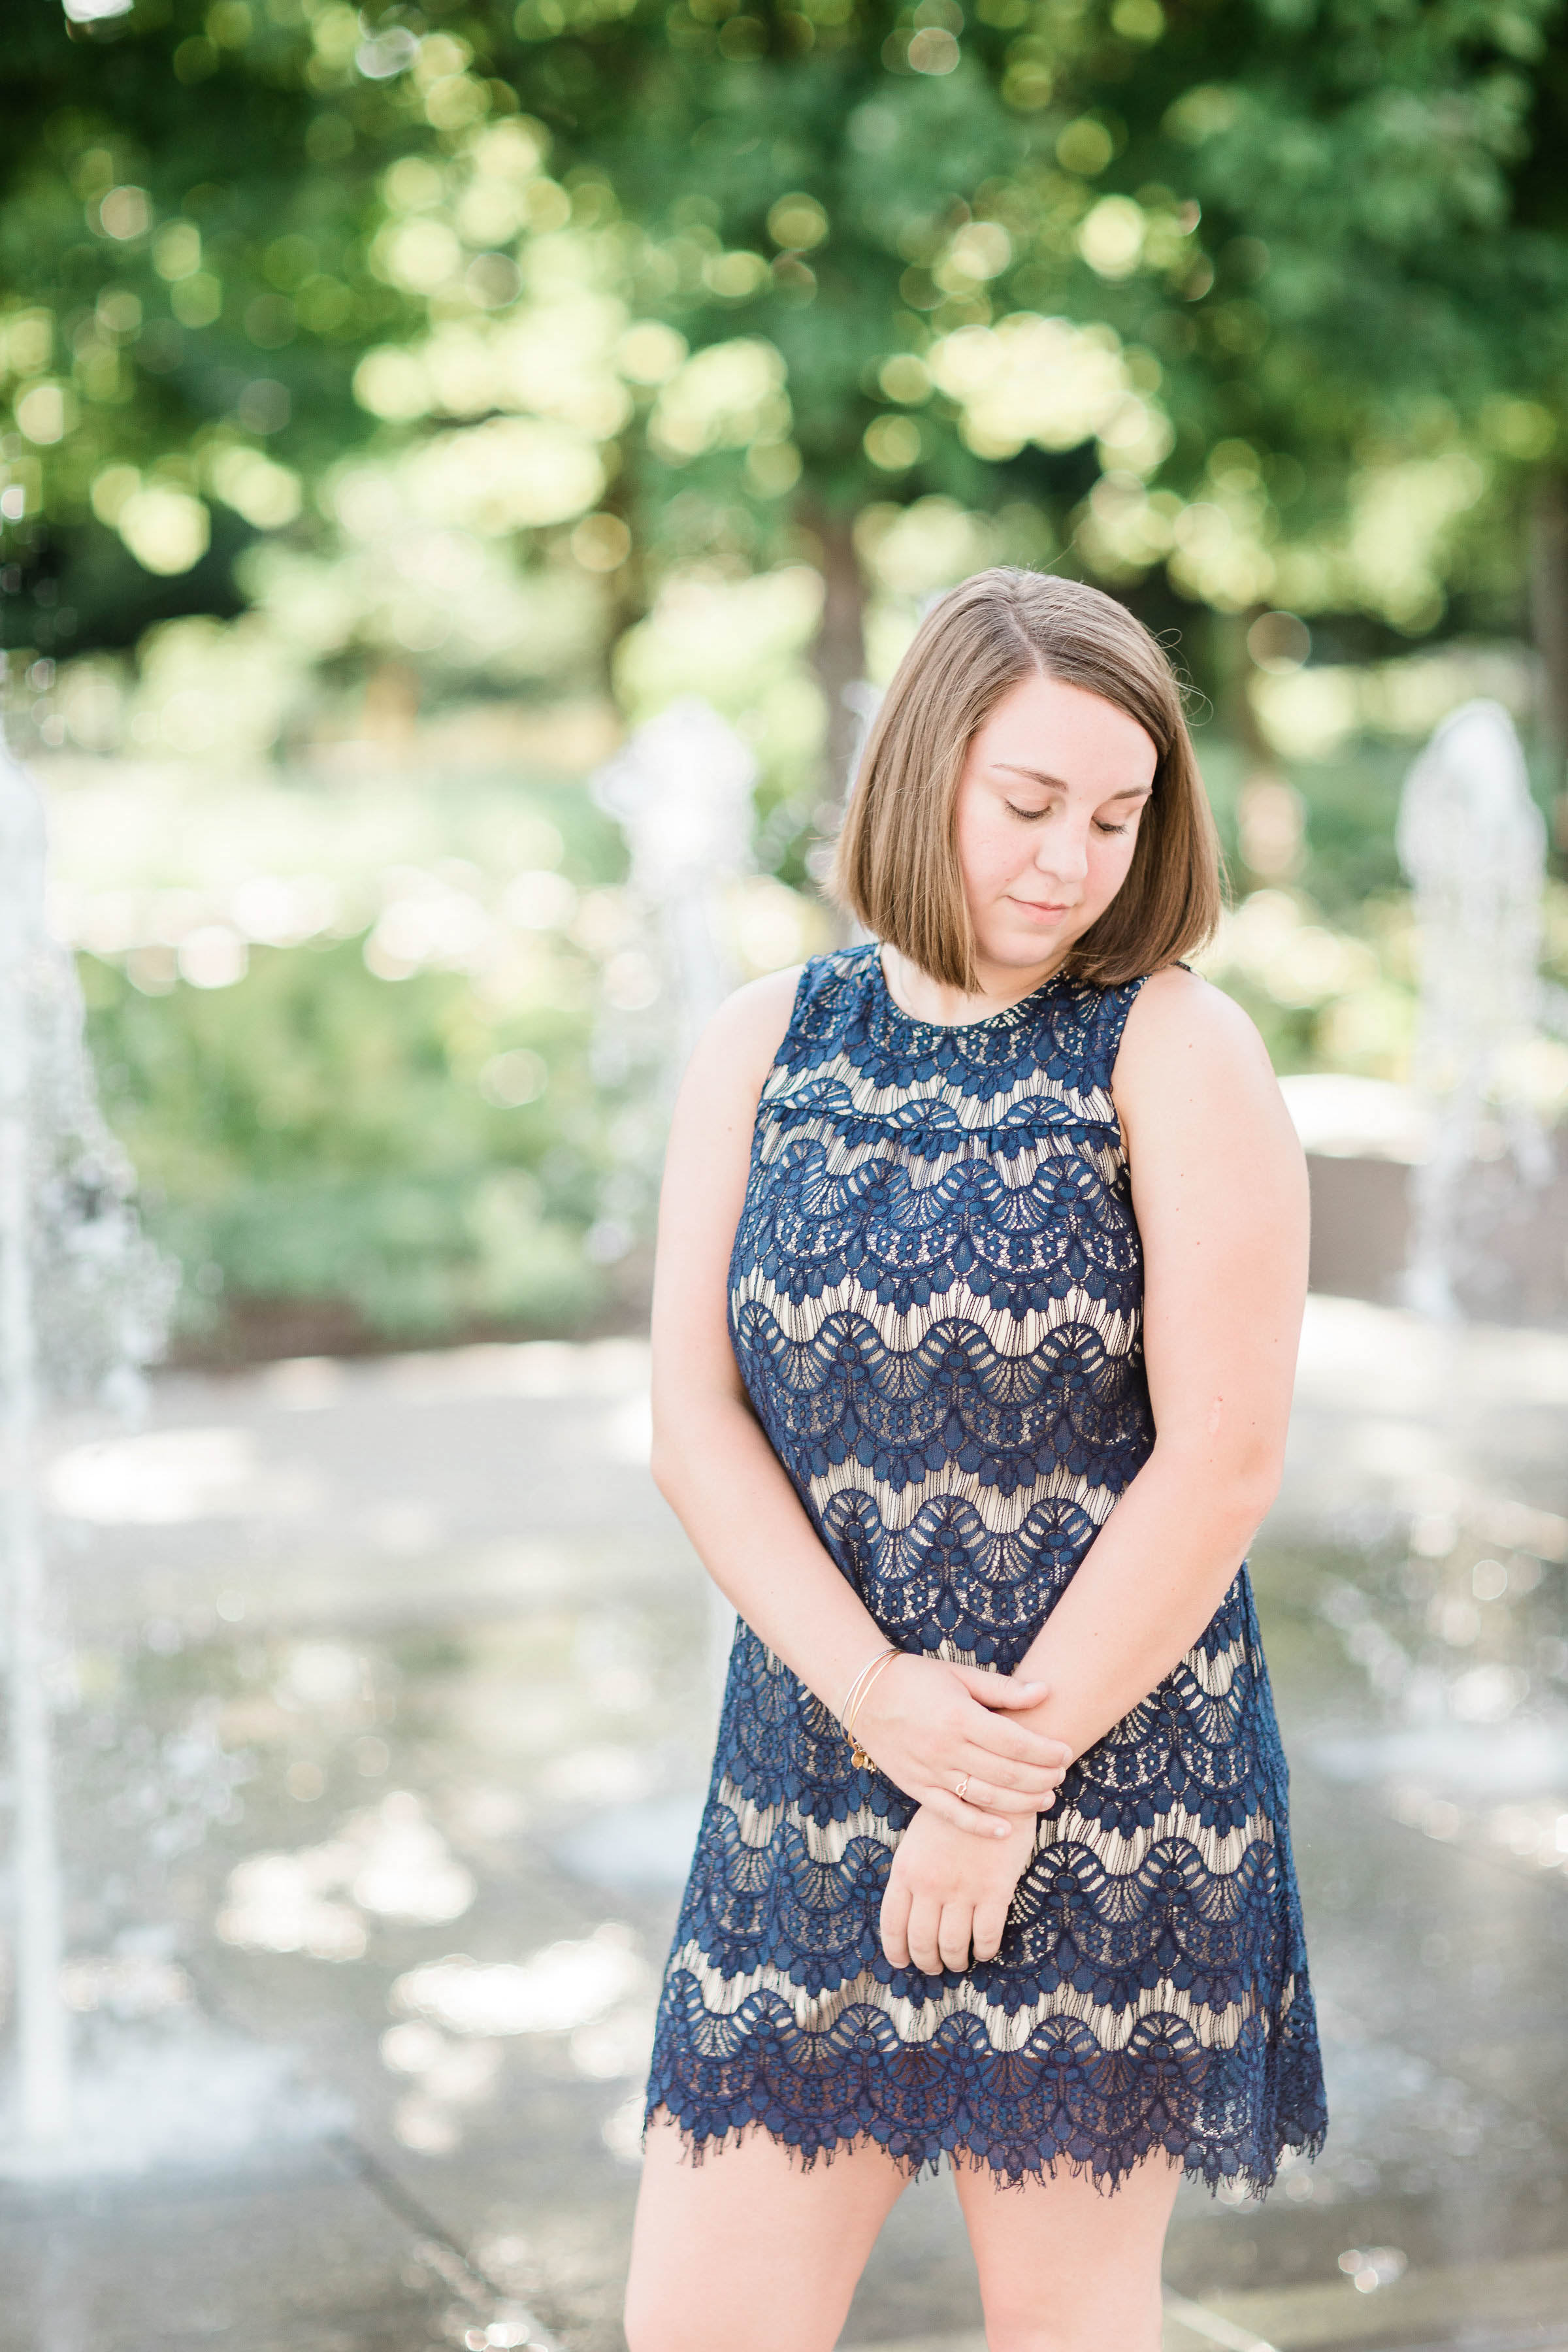 dayton cincinnati senior photographer-6.jpg